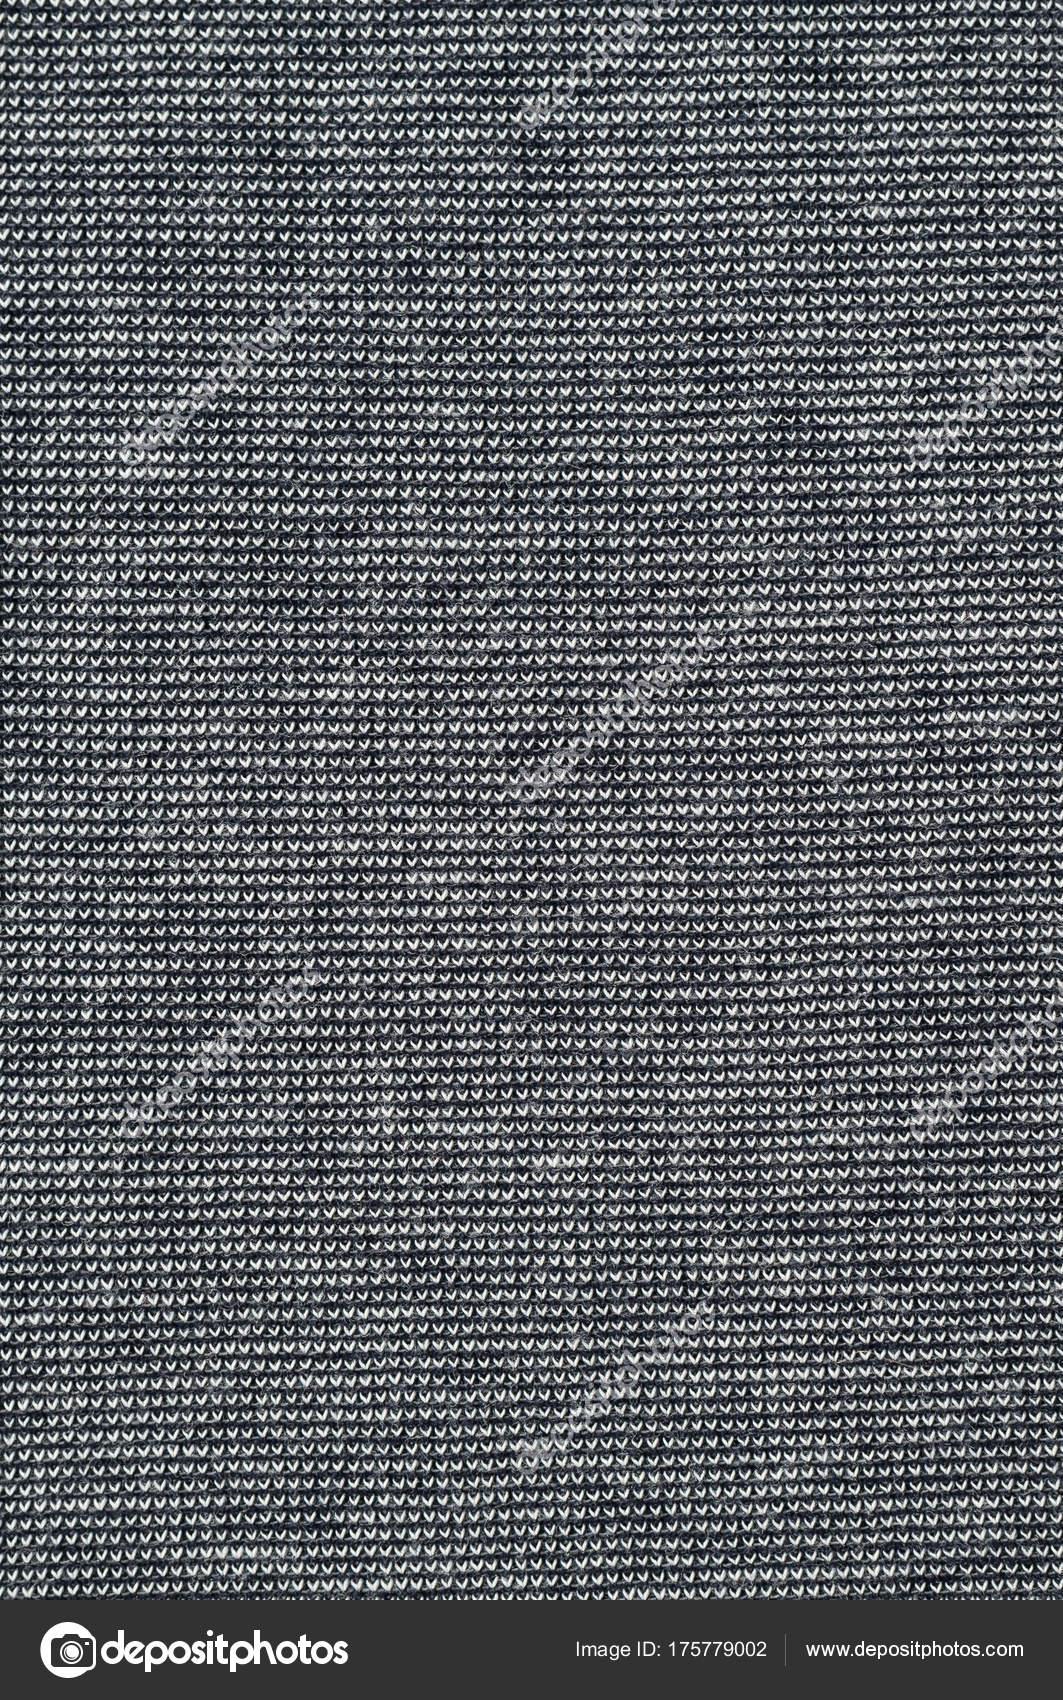 Tannenbaum Muster.Schwarz Weiß Stoff Mit Einem Kleinen Tannenbaum Muster Stockfoto